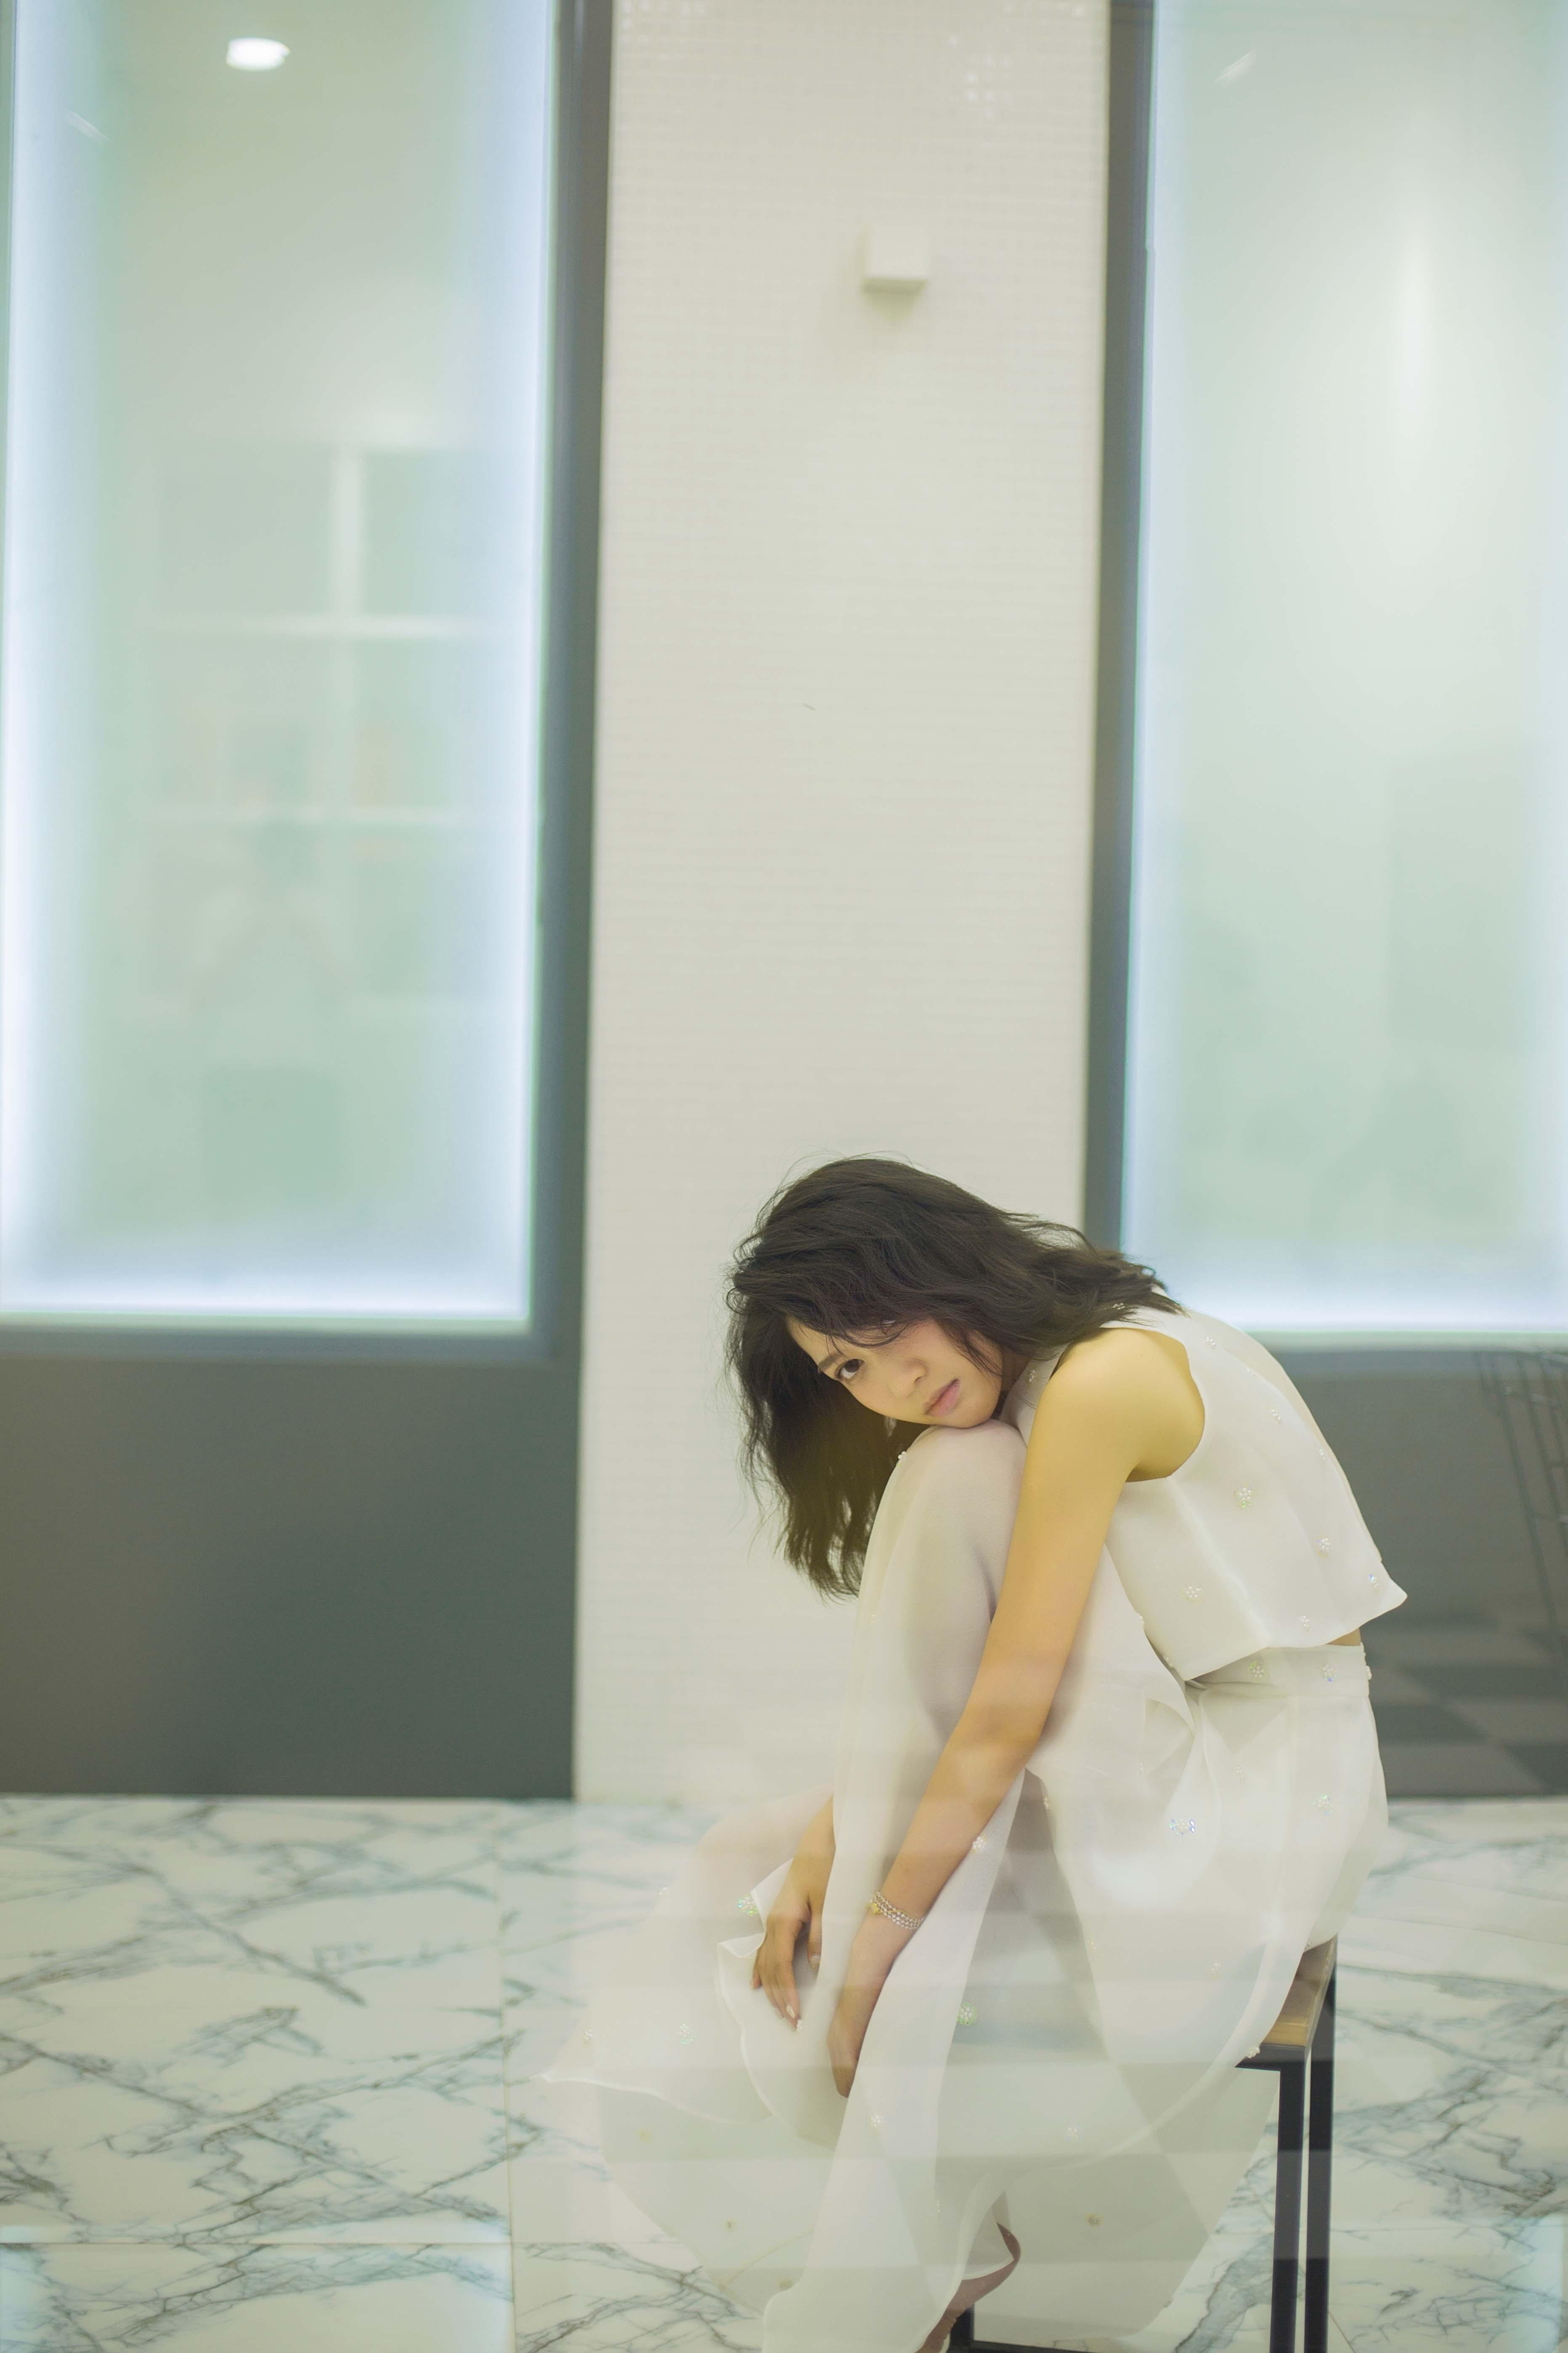 王子祯曝文艺时尚写真  一袭白色长裙宛若精灵